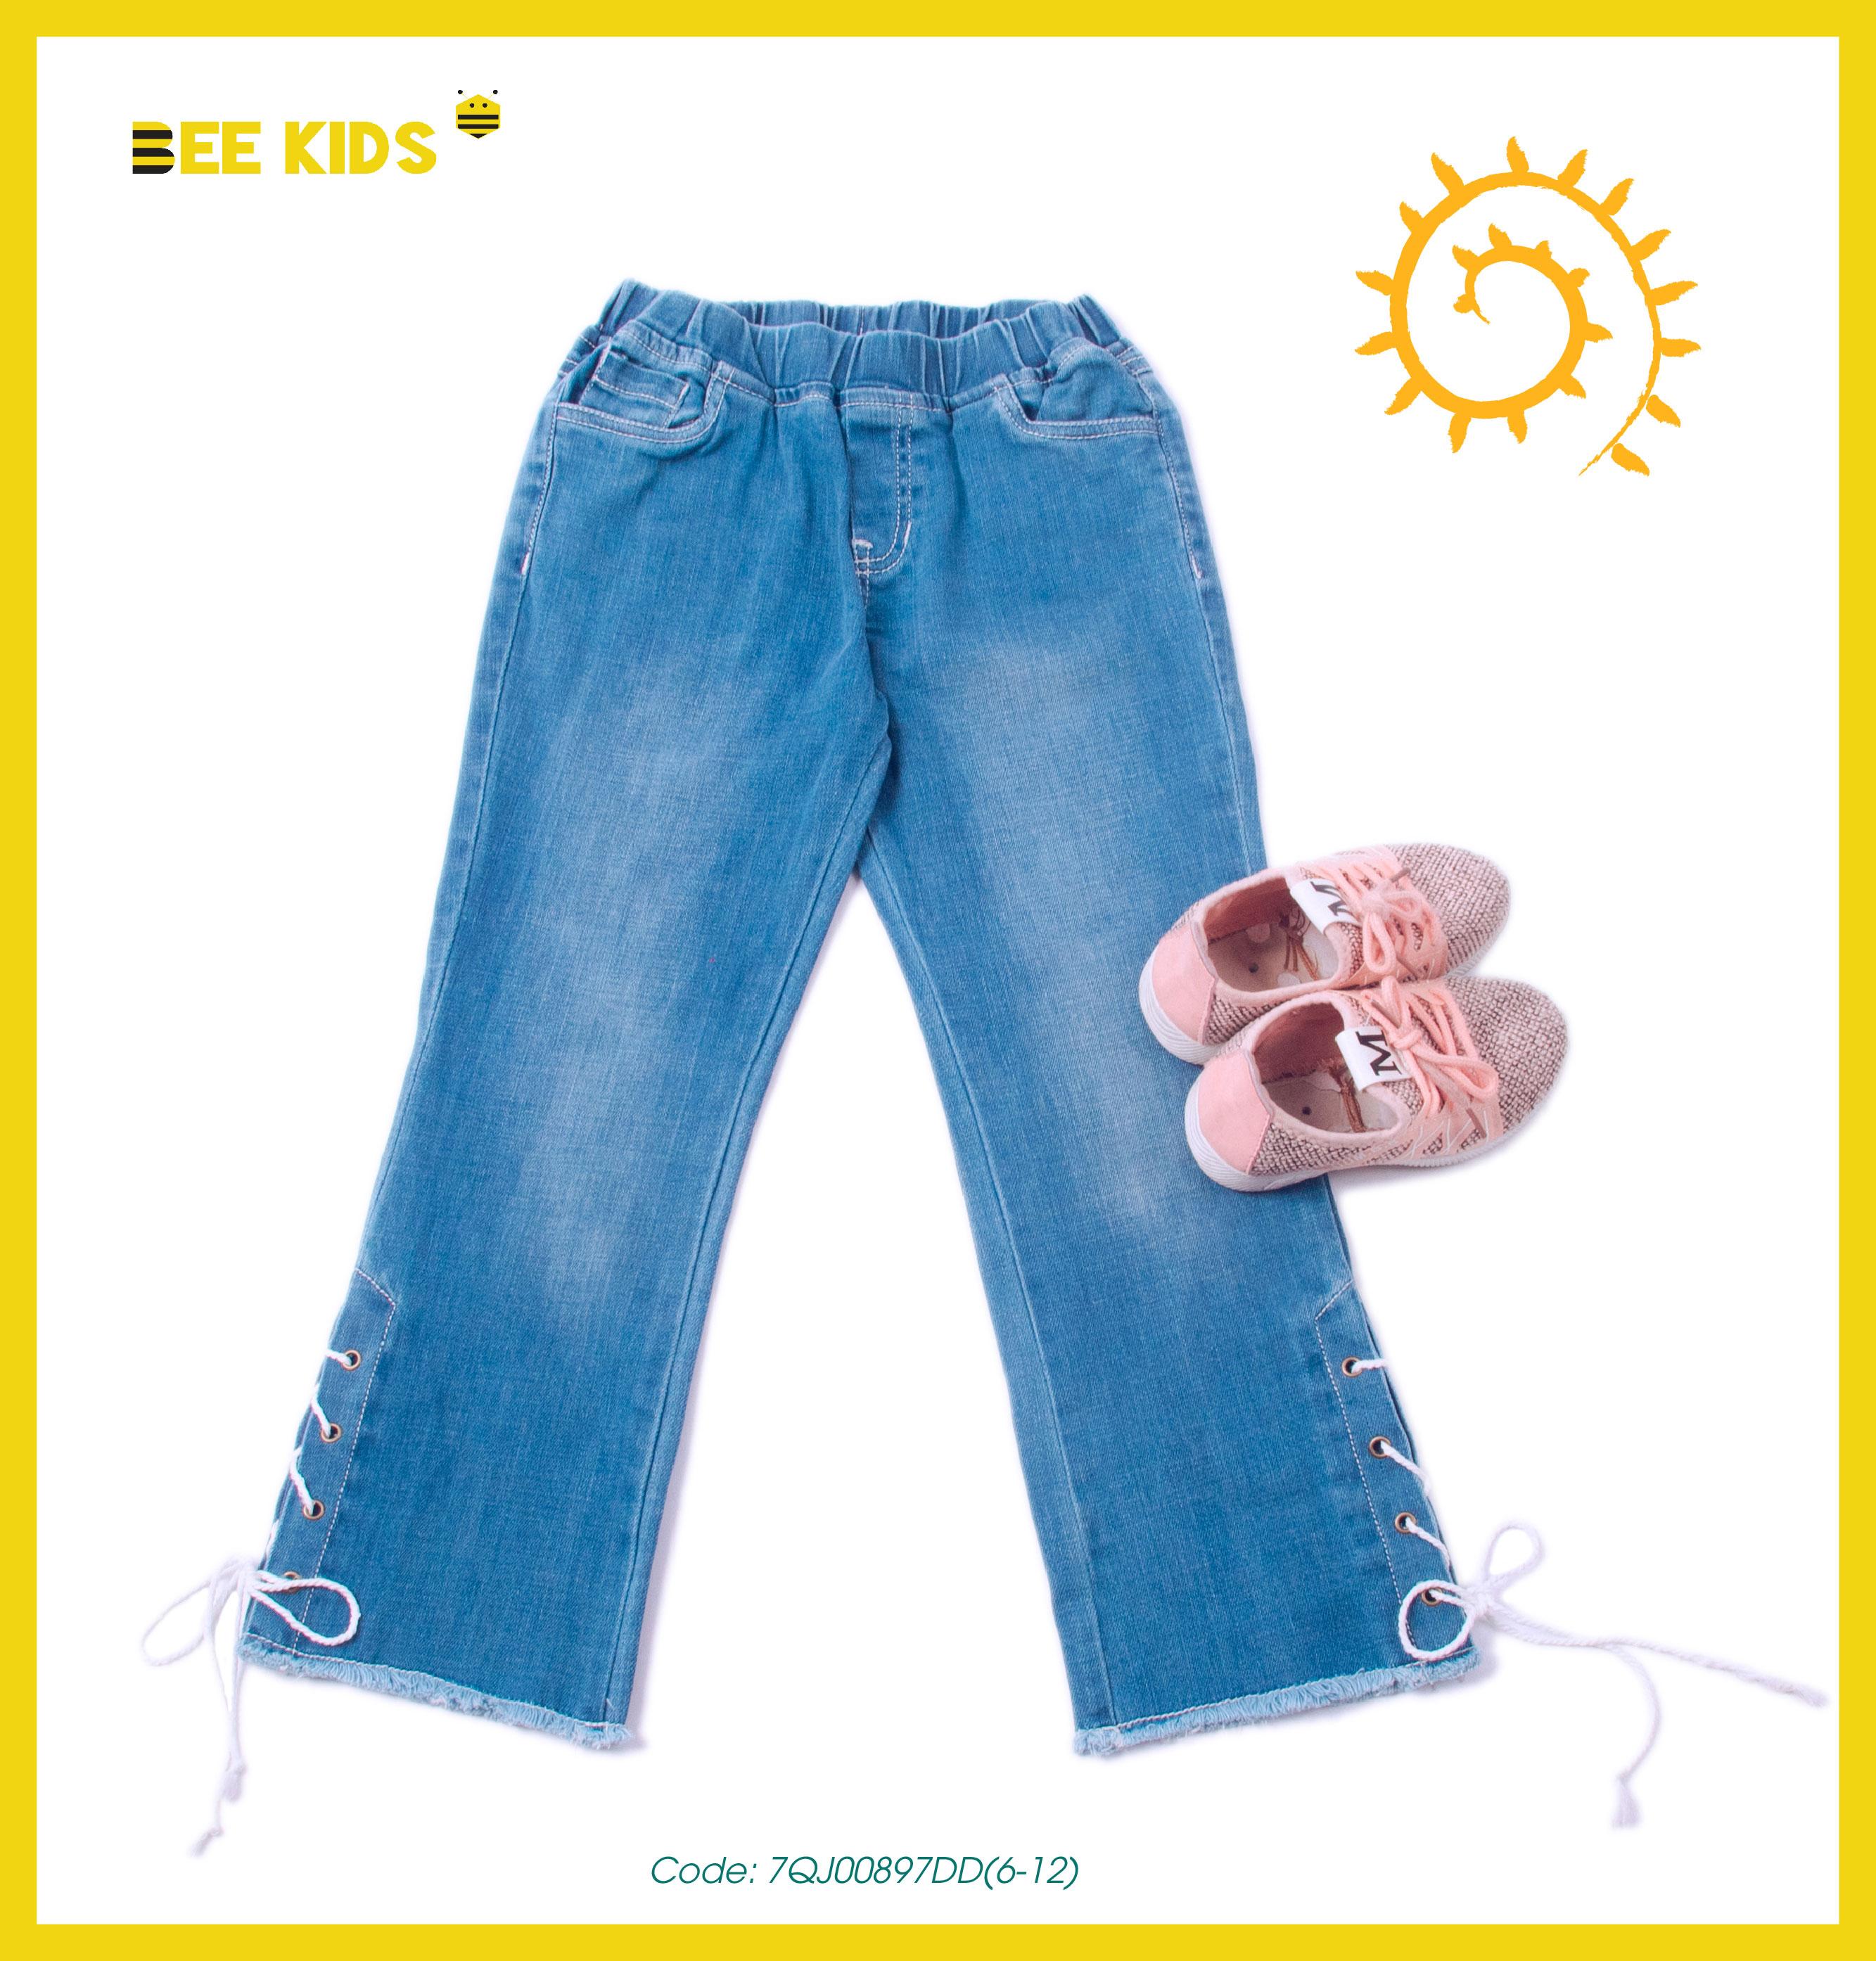 Quần jeans nữ bé gái từ 6 đến 12 tuổi